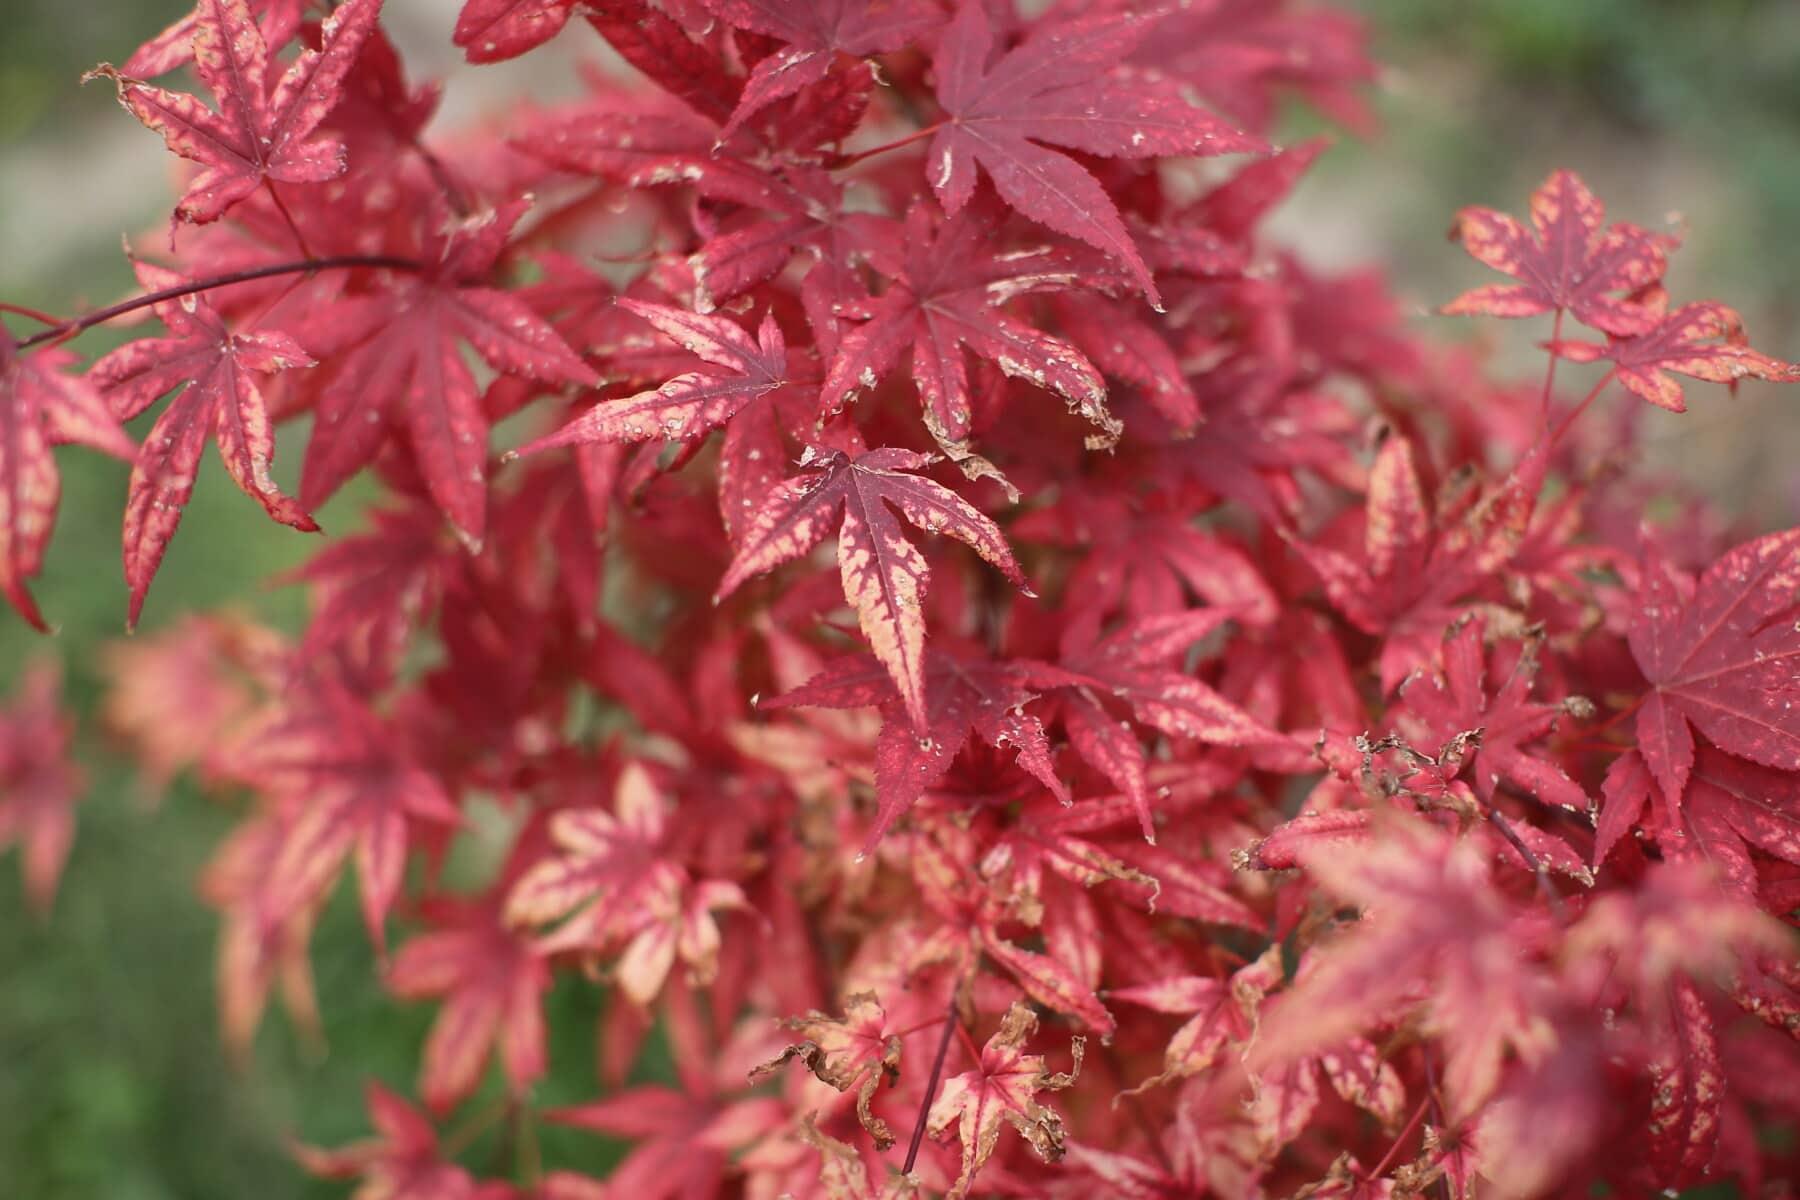 buissons, feuille, branche, rouge, feuilles, flore, nature, érable, jardin, arbre